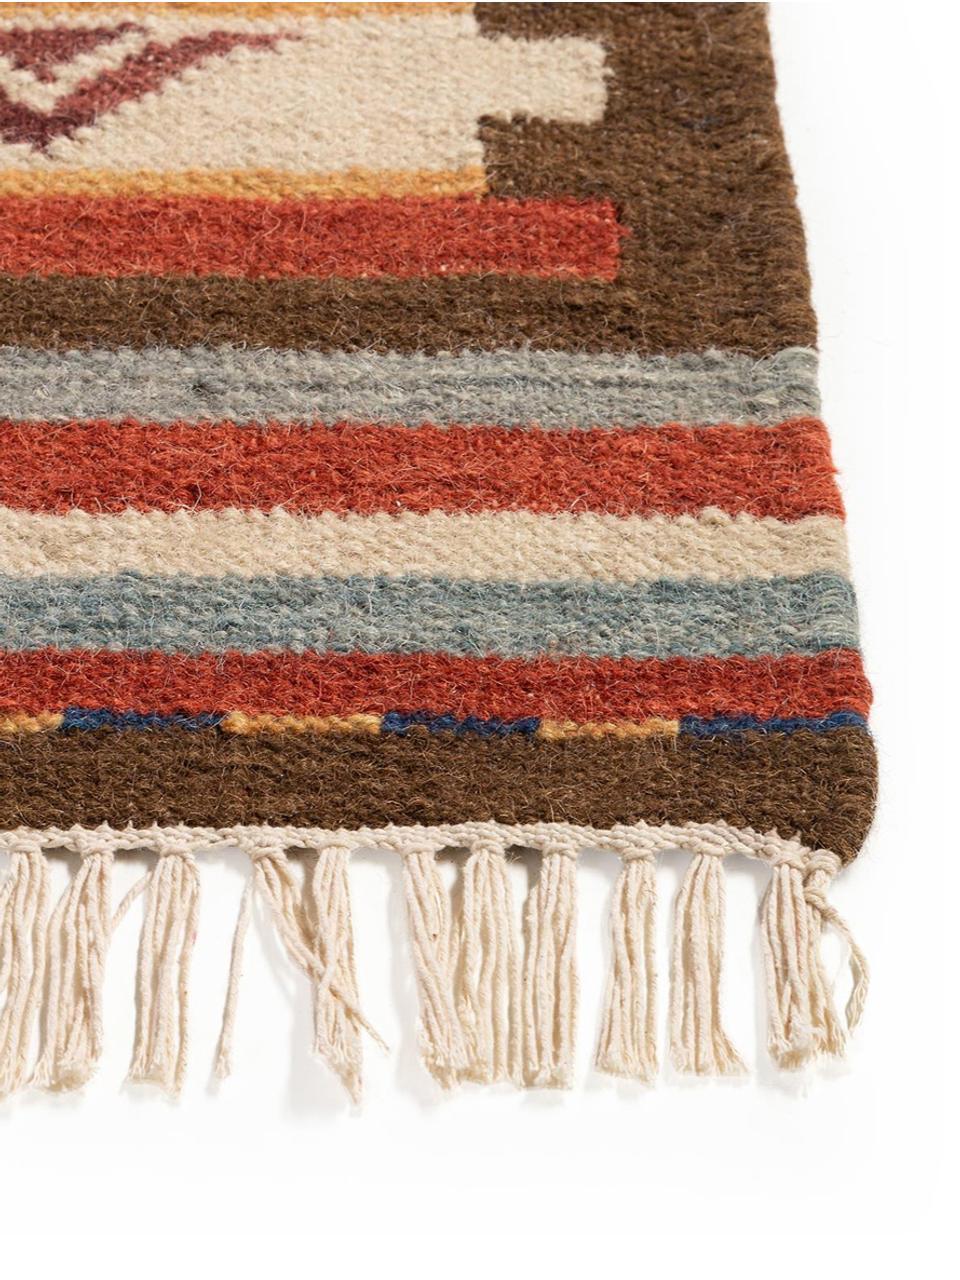 Handgewebter Kelimteppich Zohra aus Wolle, Flor: 90% Wolle, 10% Baumwolle, Rot, Mehrfarbig, B 160 x L 230 cm (Größe M)